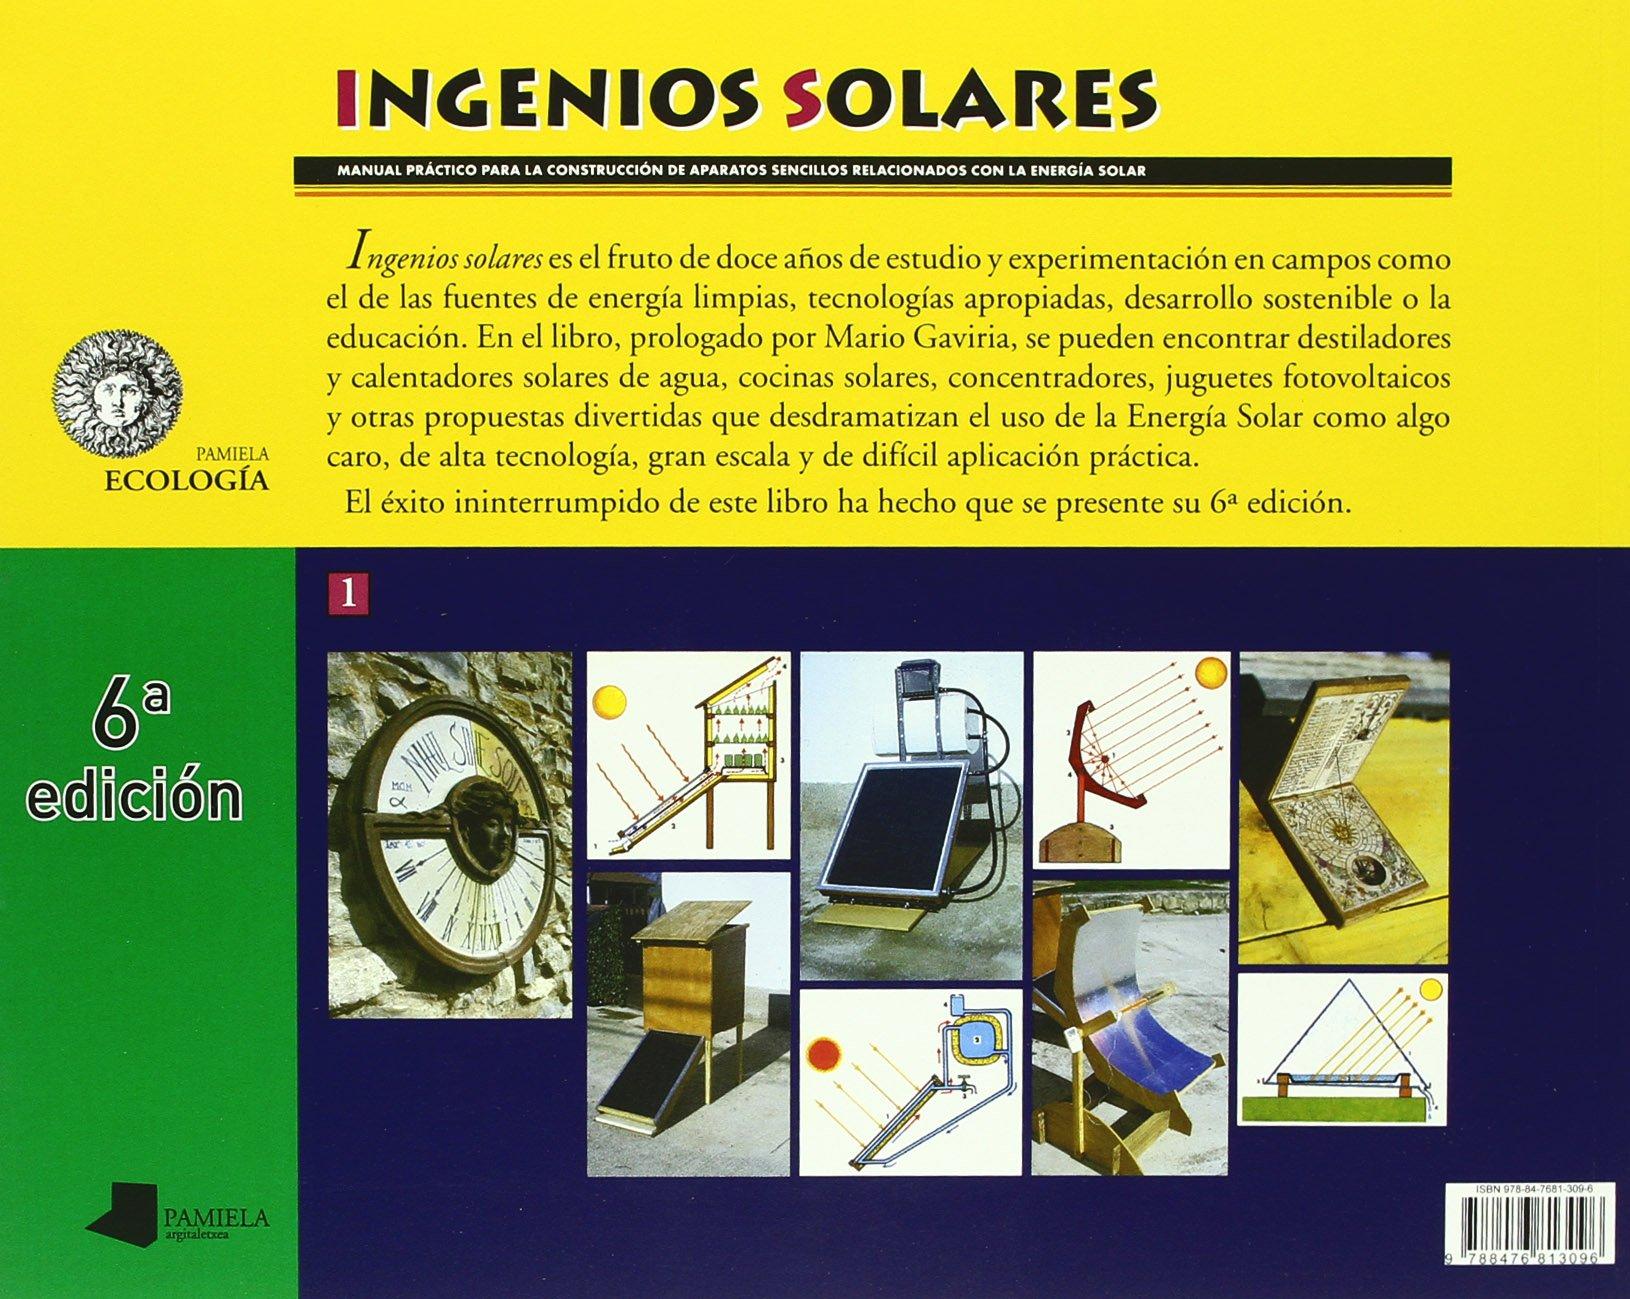 Ingenios solares: Manual práctico para la construcción de aparatos sencillos relacionados con la energía solar Ecología - 9788476813096: Amazon.es: José ...